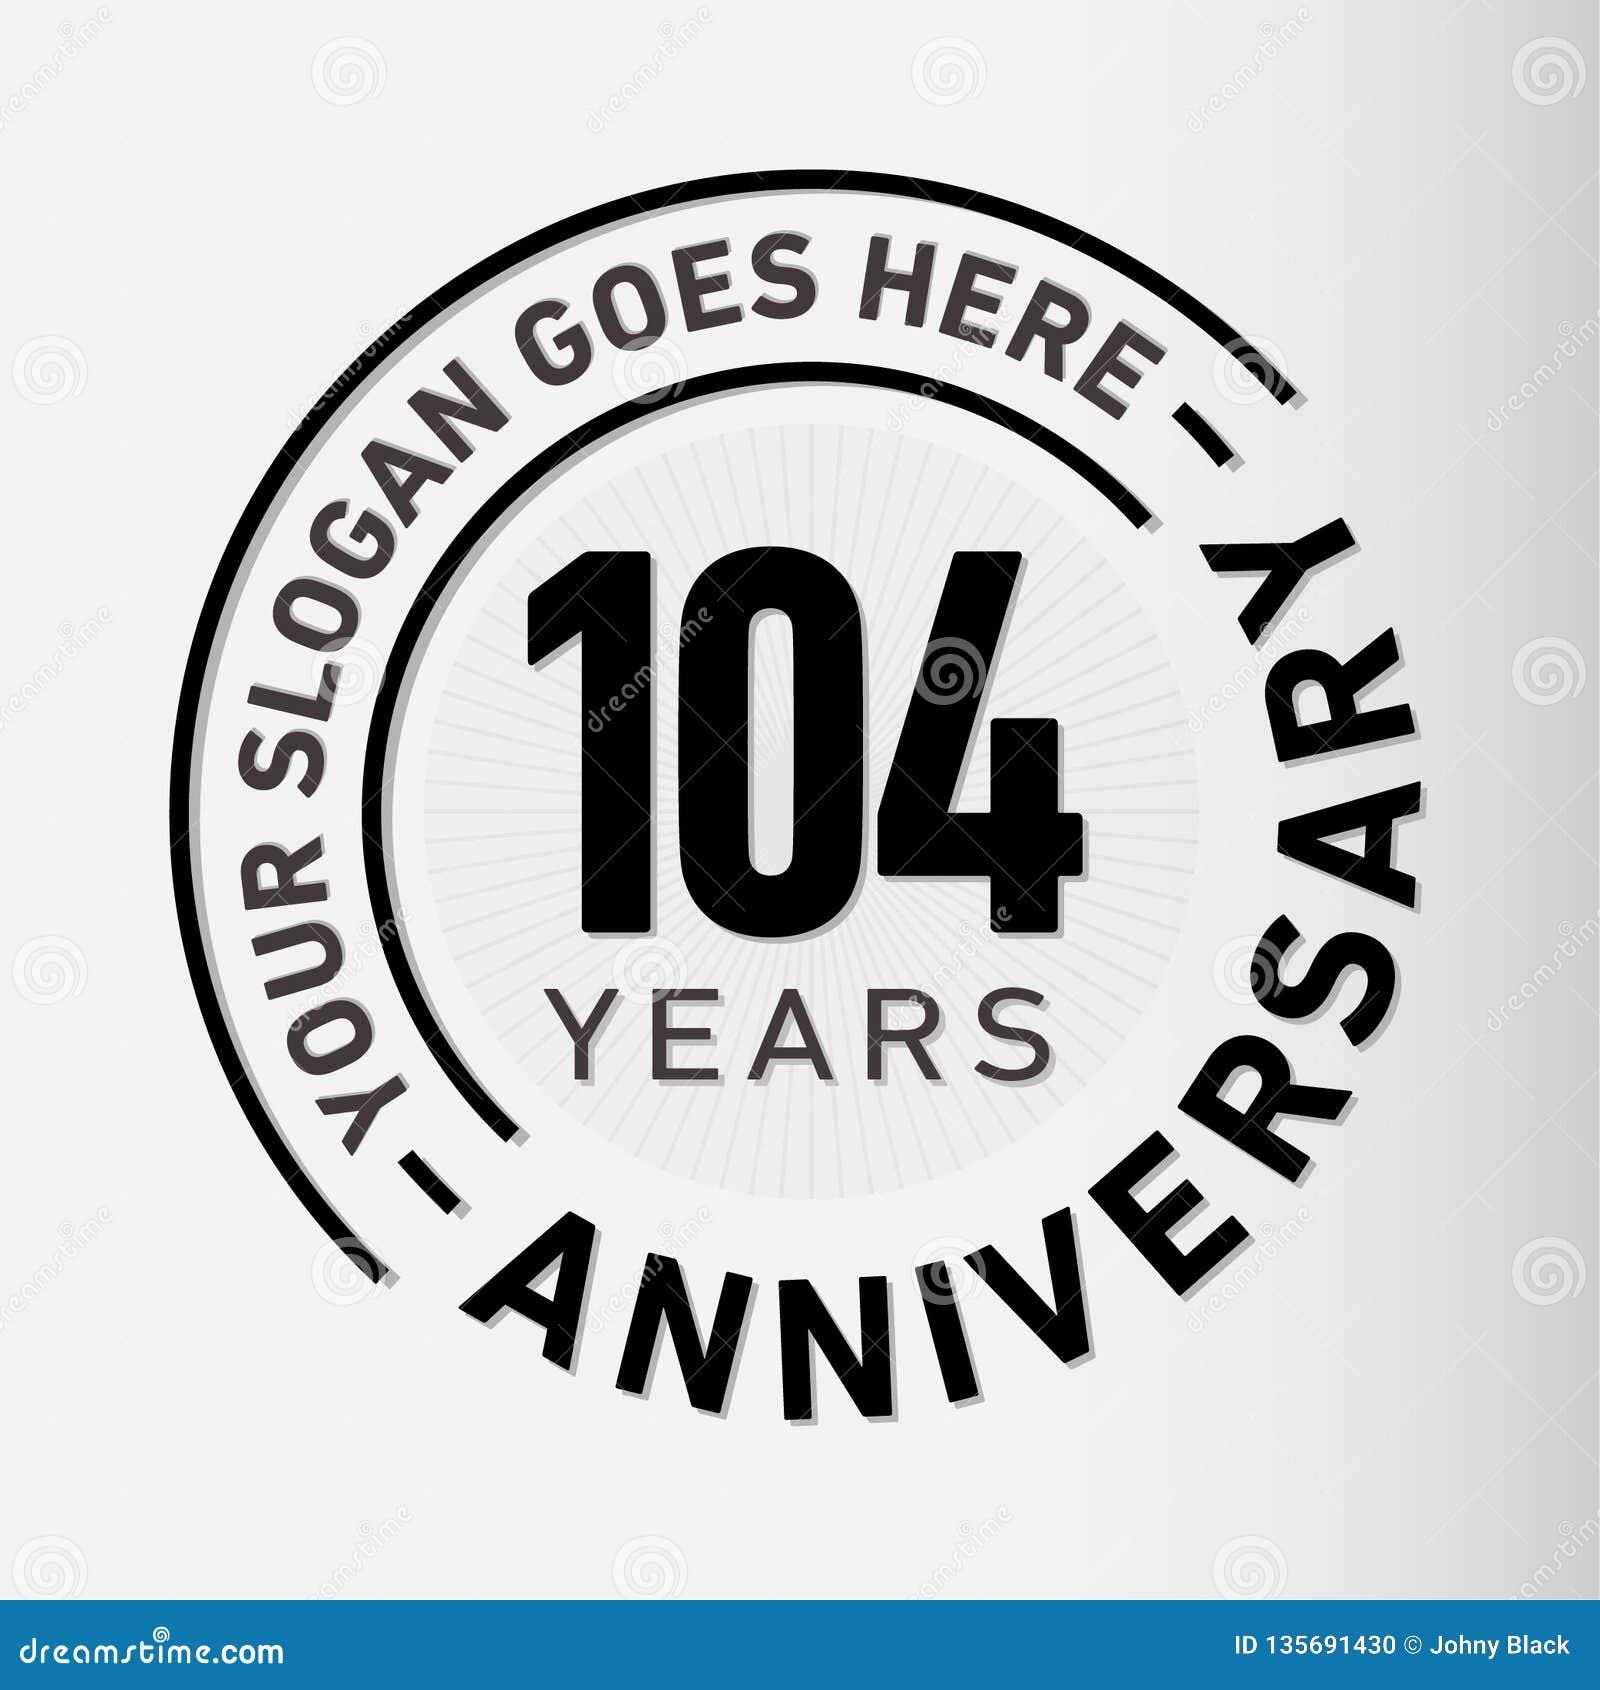 104 años del aniversario de la celebración de plantilla del diseño Vector y ejemplo del aniversario 104 años de logotipo